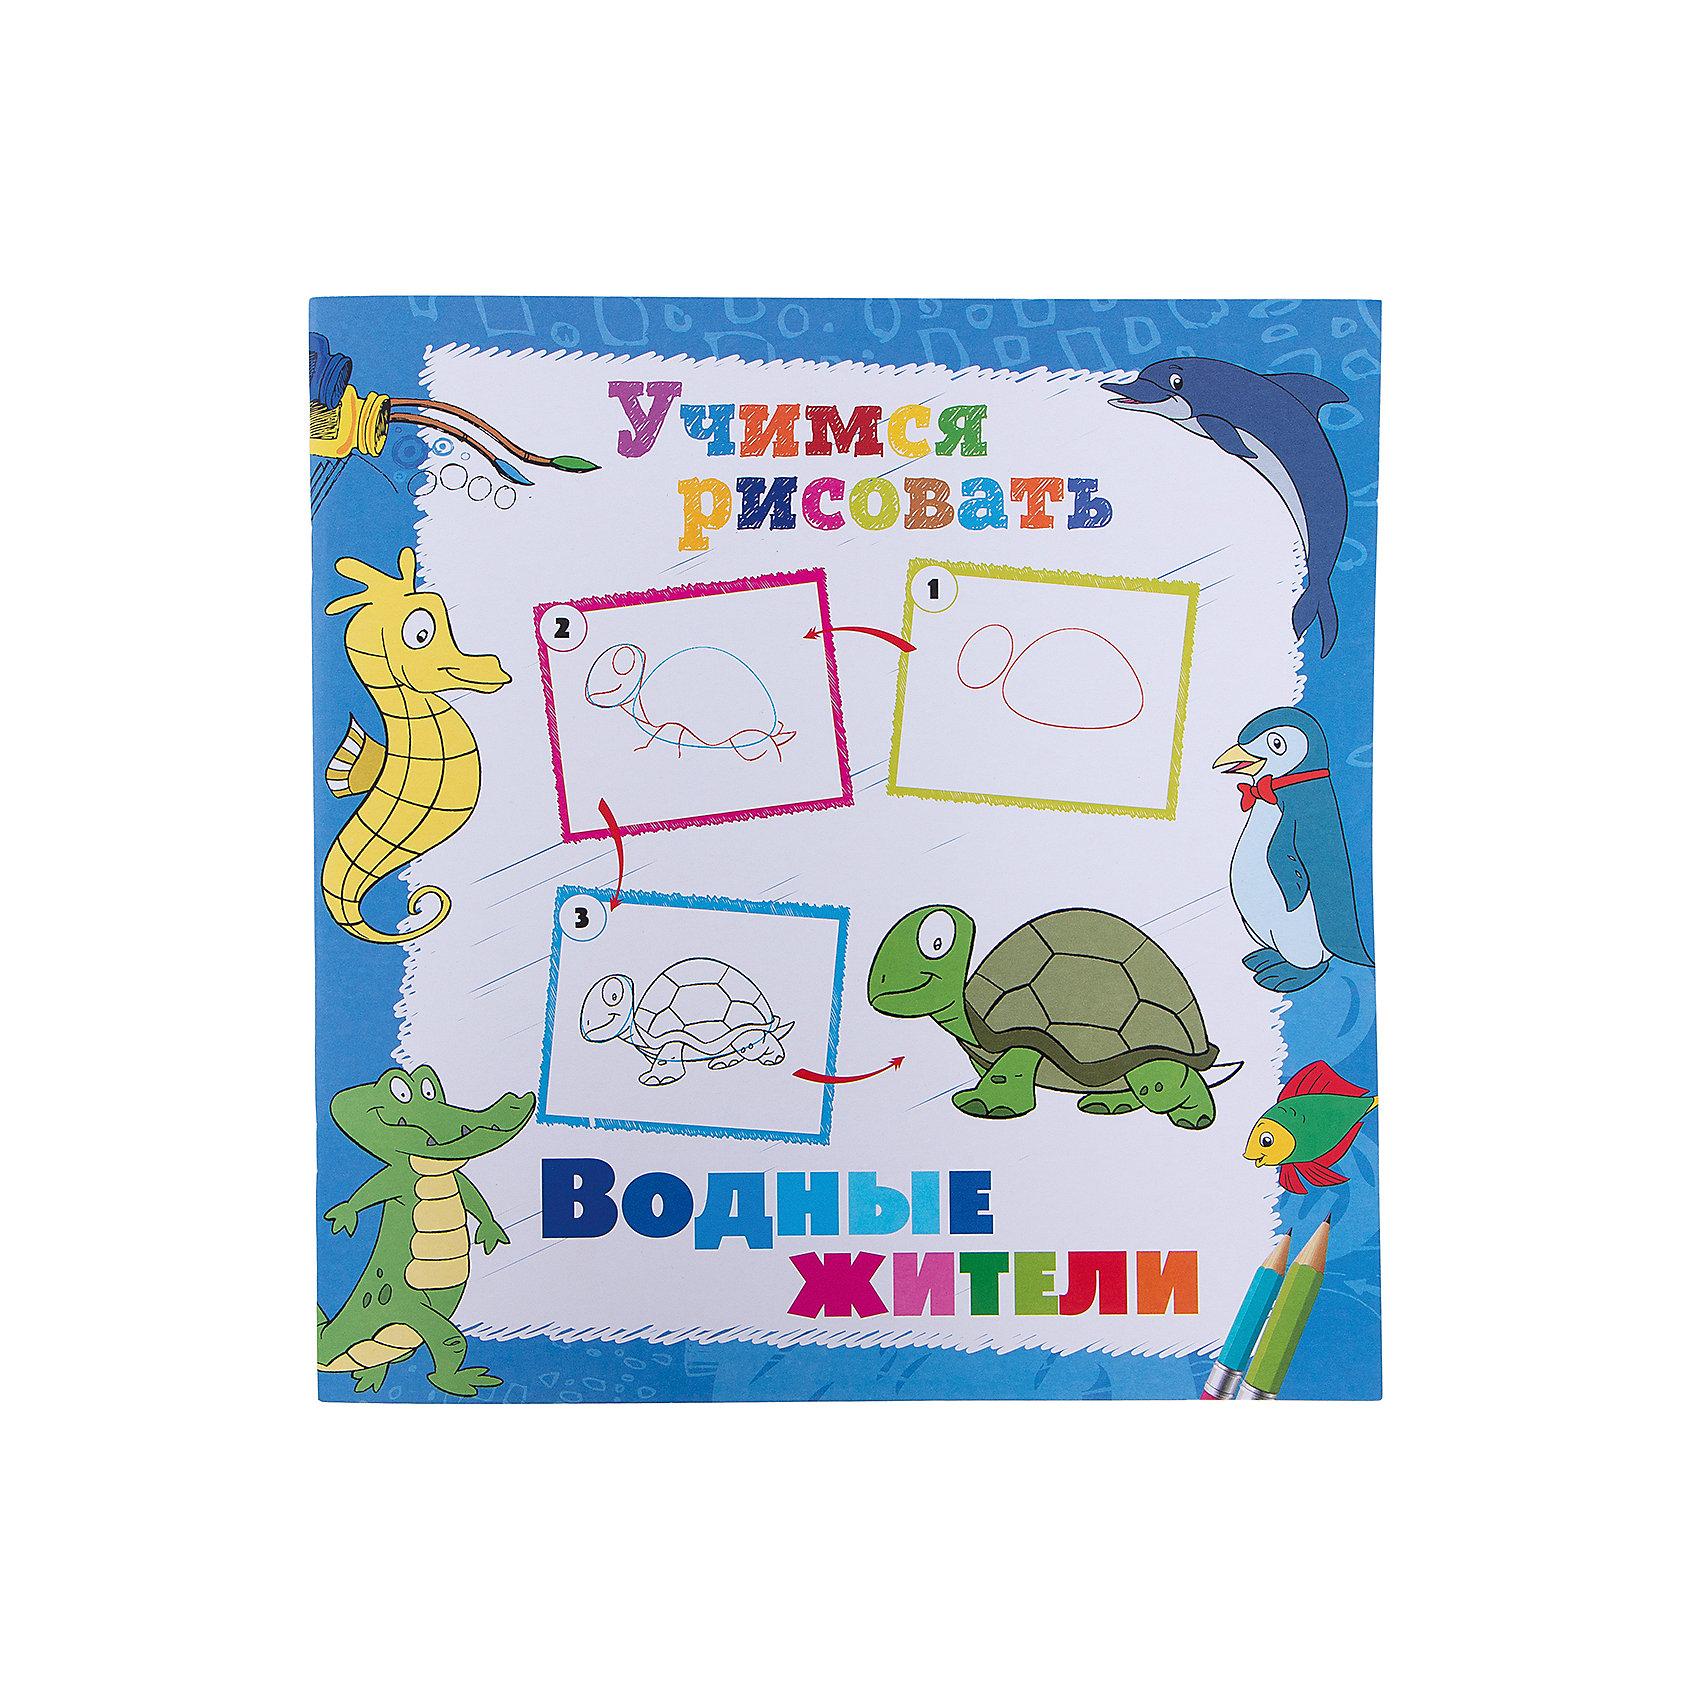 Книга Водные жители Учимся рисоватьКнига Водные жители Учимся рисовать – это уроки поэтапного рисования для детей.<br>Многие малыши обожают рисовать! Рисование и раскрашивание - это не только интересное, но и очень полезное занятие. С книгой-раскраской «Водные жители» серии «Учимся рисовать» заниматься рисованием очень весело. Ваш ребенок сможет научиться рисовать обитателей морей, океанов и рек, воспользовавшись пошаговыми советами художника. Книга поможет развить внимательность, мелкую моторику, творческие способности.<br><br>Дополнительная информация:<br><br>- Издательство: Новый диск, 2016 г.<br>- Серия: Учимся рисовать<br>- Тип обложки: мягкий переплет (крепление скрепкой или клеем)<br>- Иллюстрации: цветные, черно-белые<br>- Количество страниц: 24 (офсет)<br>- Размер: 290x280x2 мм.<br>- Вес: 114 гр.<br><br>Книгу Водные жители Учимся рисовать можно купить в нашем интернет-магазине.<br><br>Ширина мм: 280<br>Глубина мм: 3<br>Высота мм: 290<br>Вес г: 112<br>Возраст от месяцев: 36<br>Возраст до месяцев: 84<br>Пол: Унисекс<br>Возраст: Детский<br>SKU: 4664435